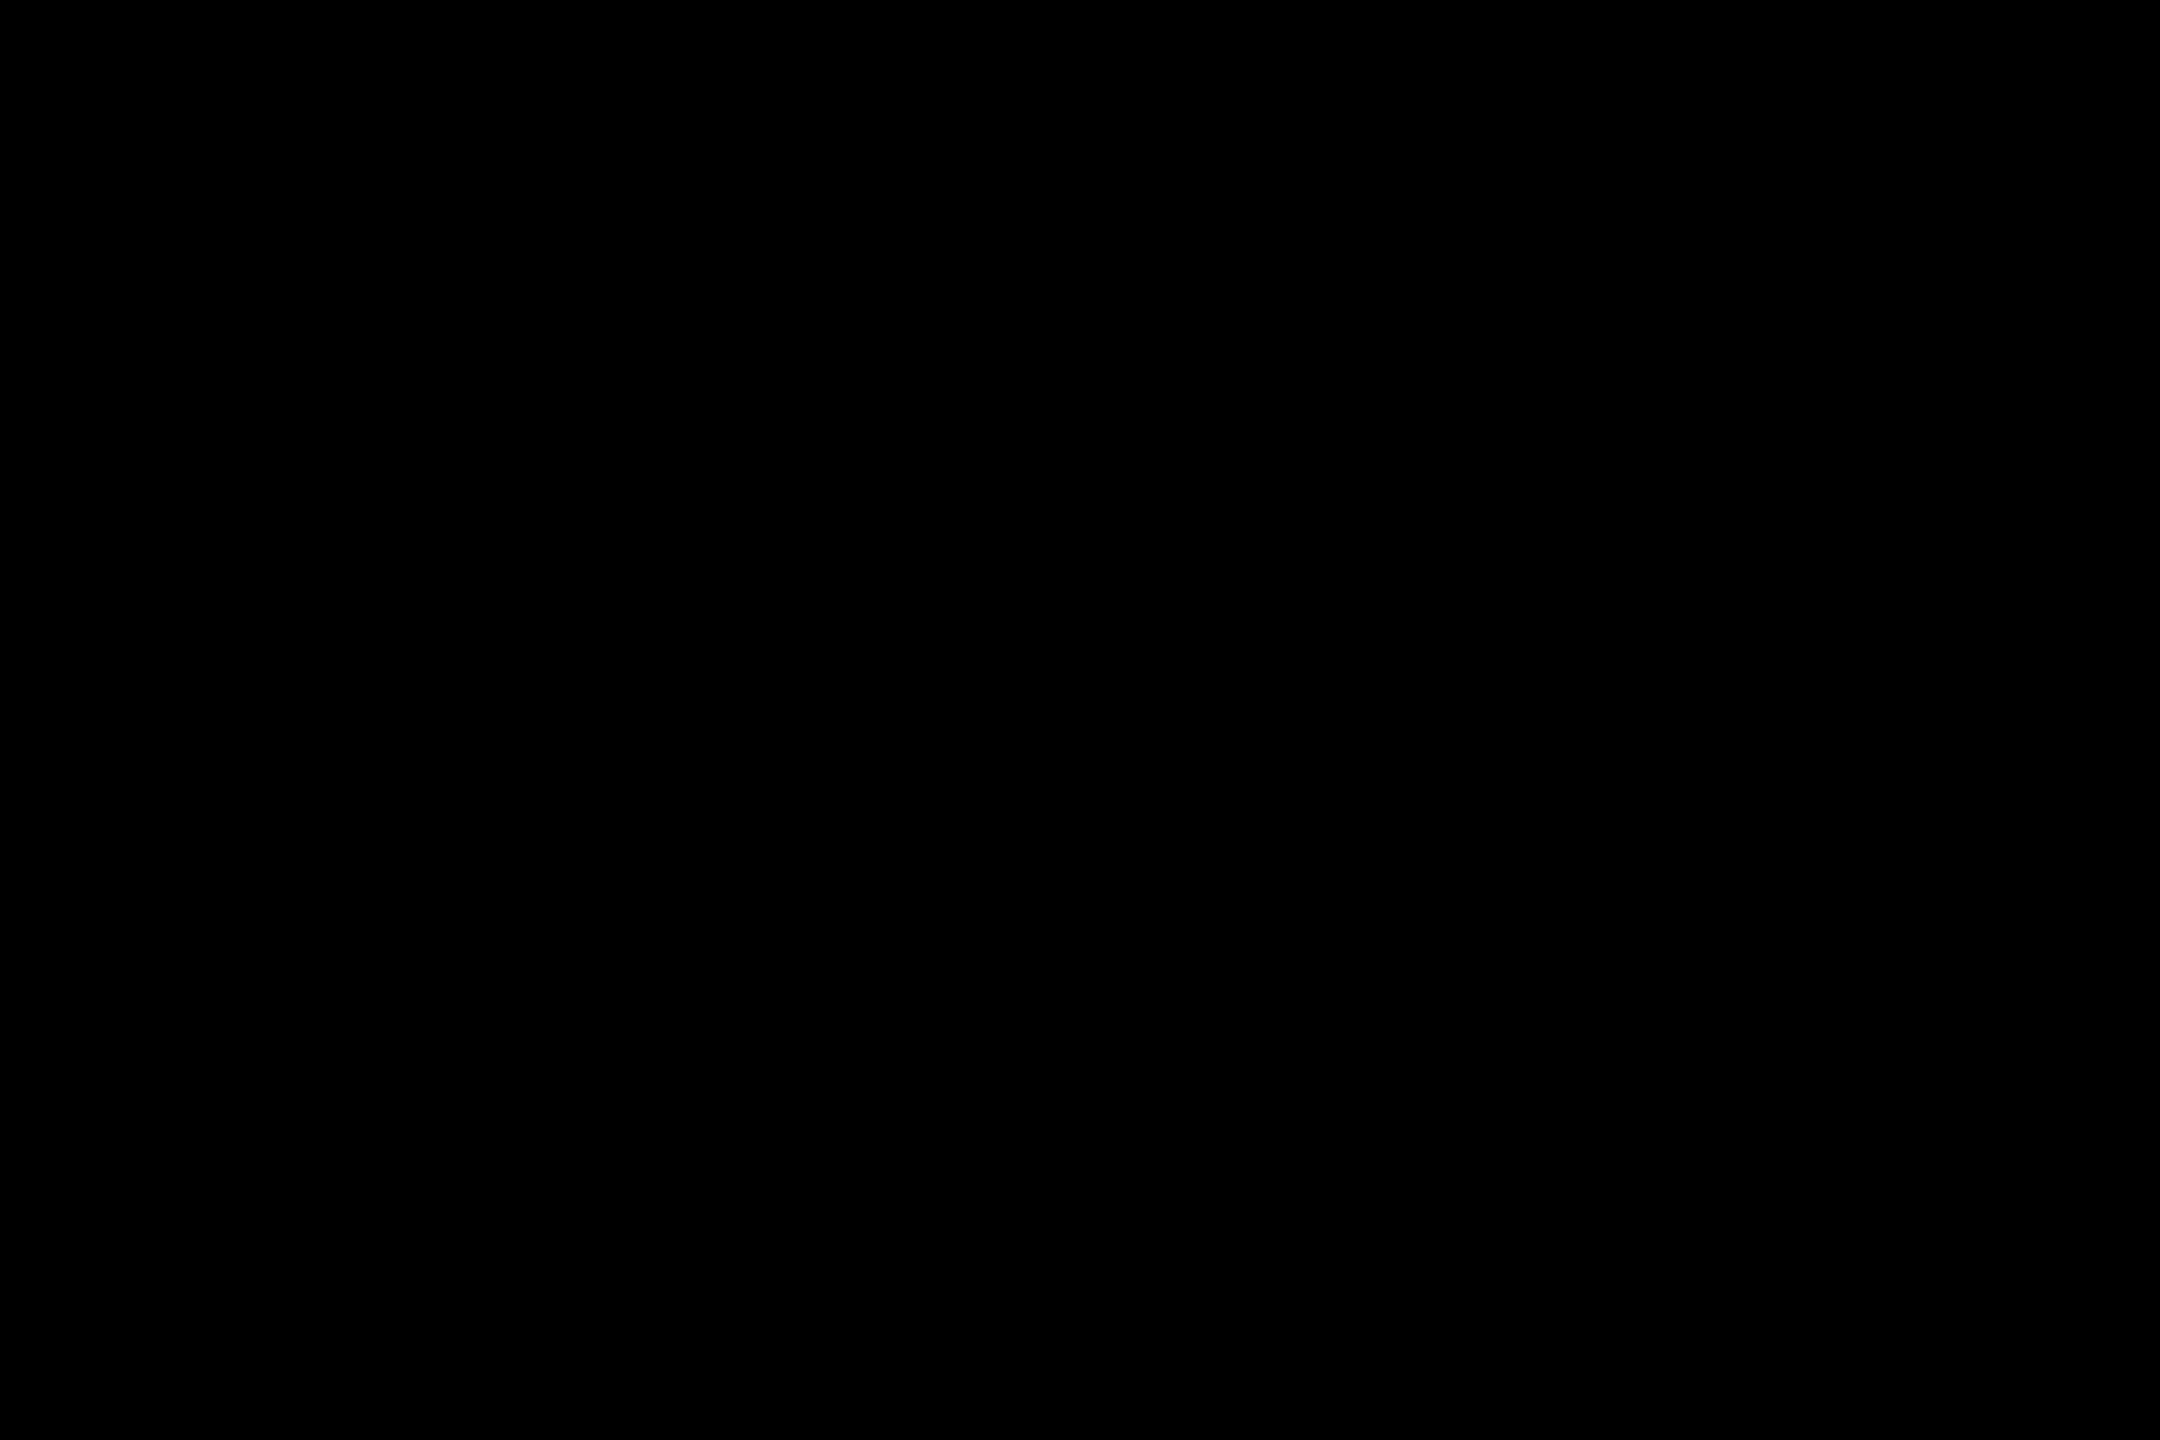 qtq80-bdkWzq